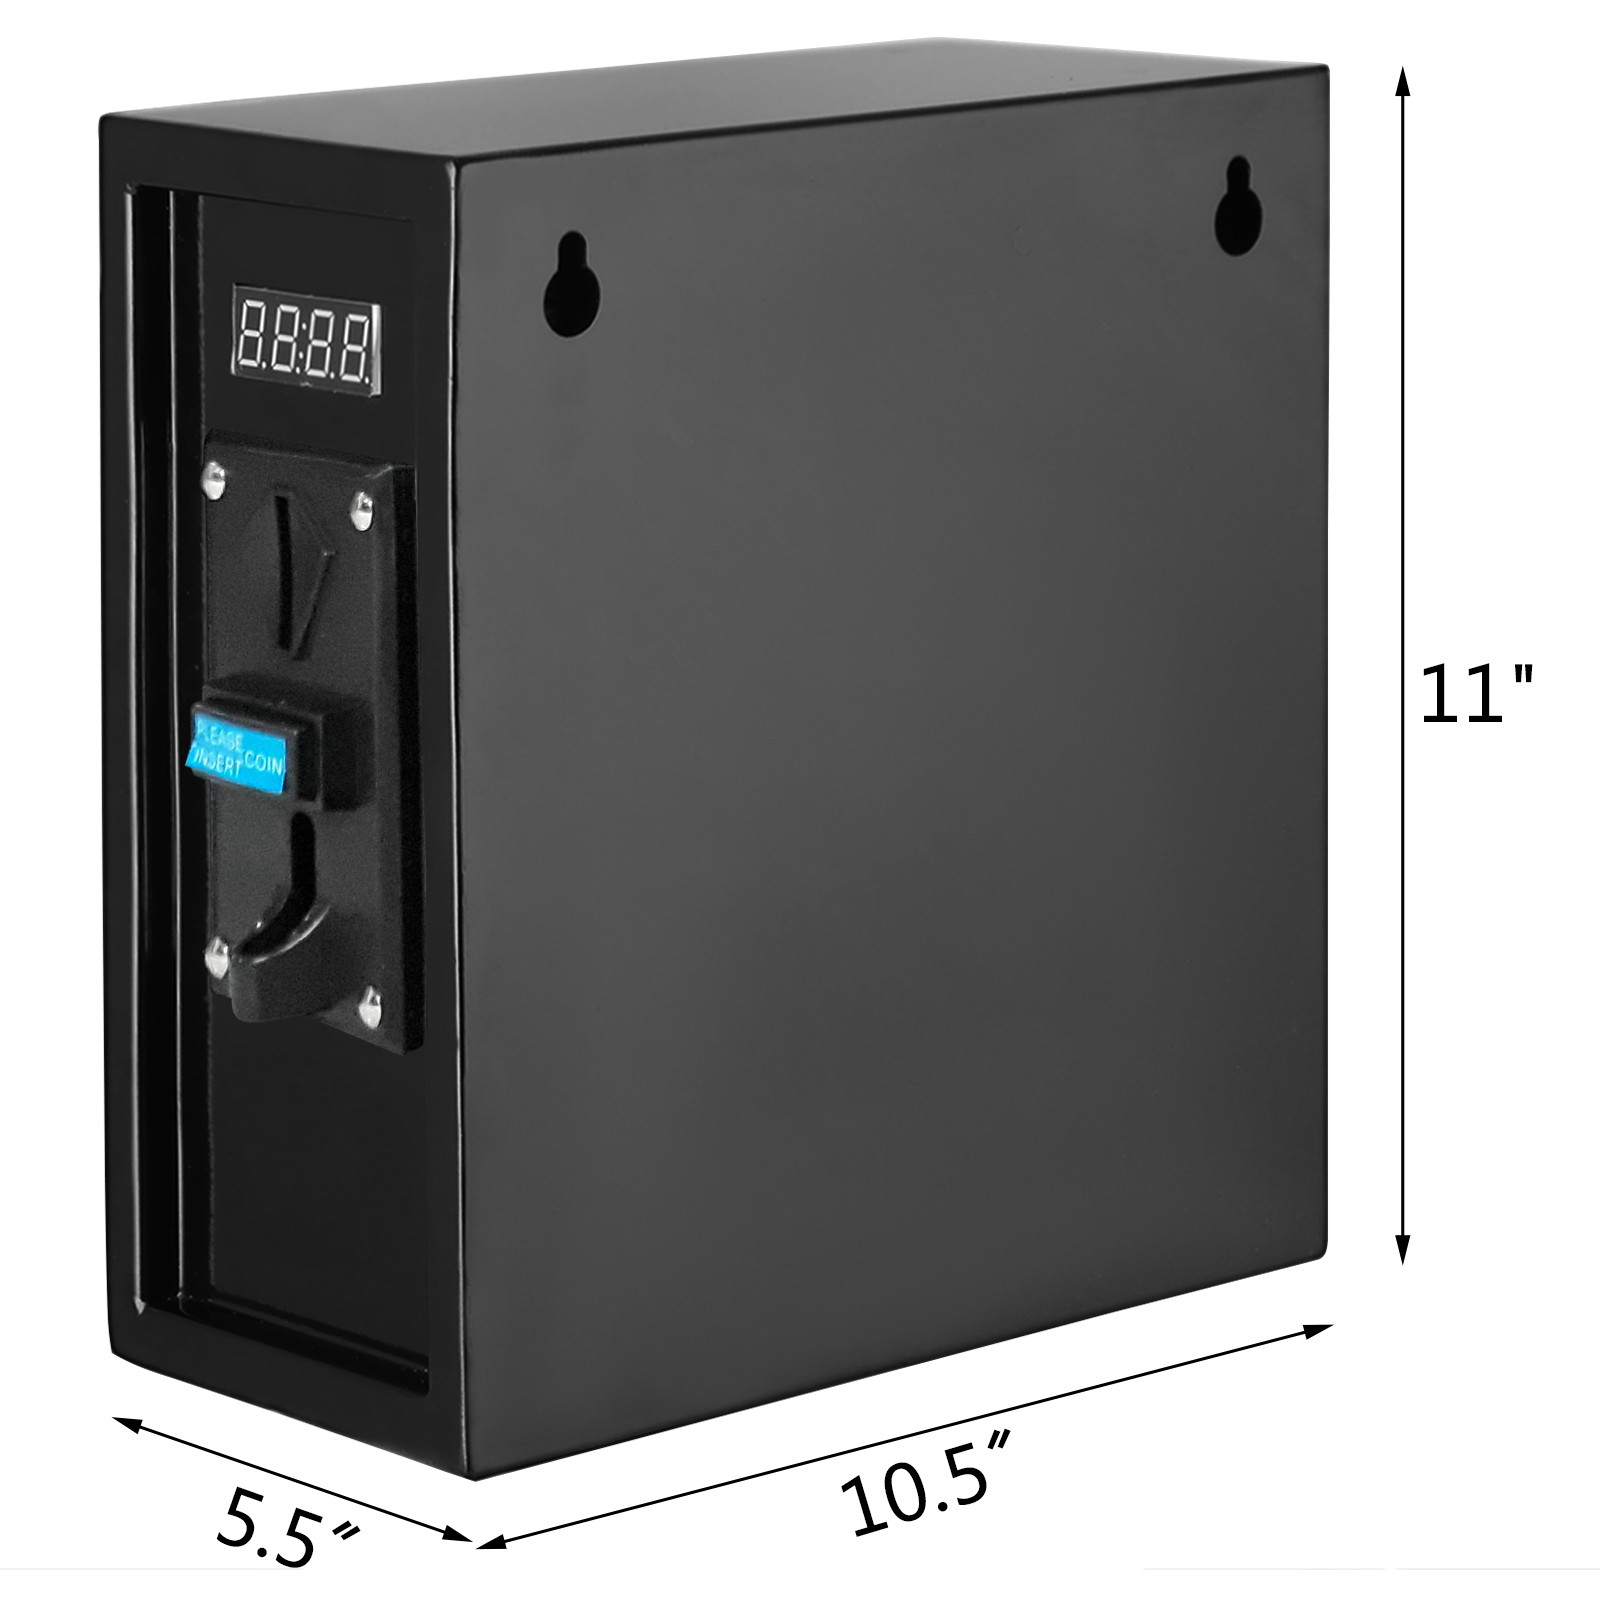 Monnaie-Distributeur-Munzkassierer-Zeiteinstellung-Munzprufer-Munzautomat miniature 2